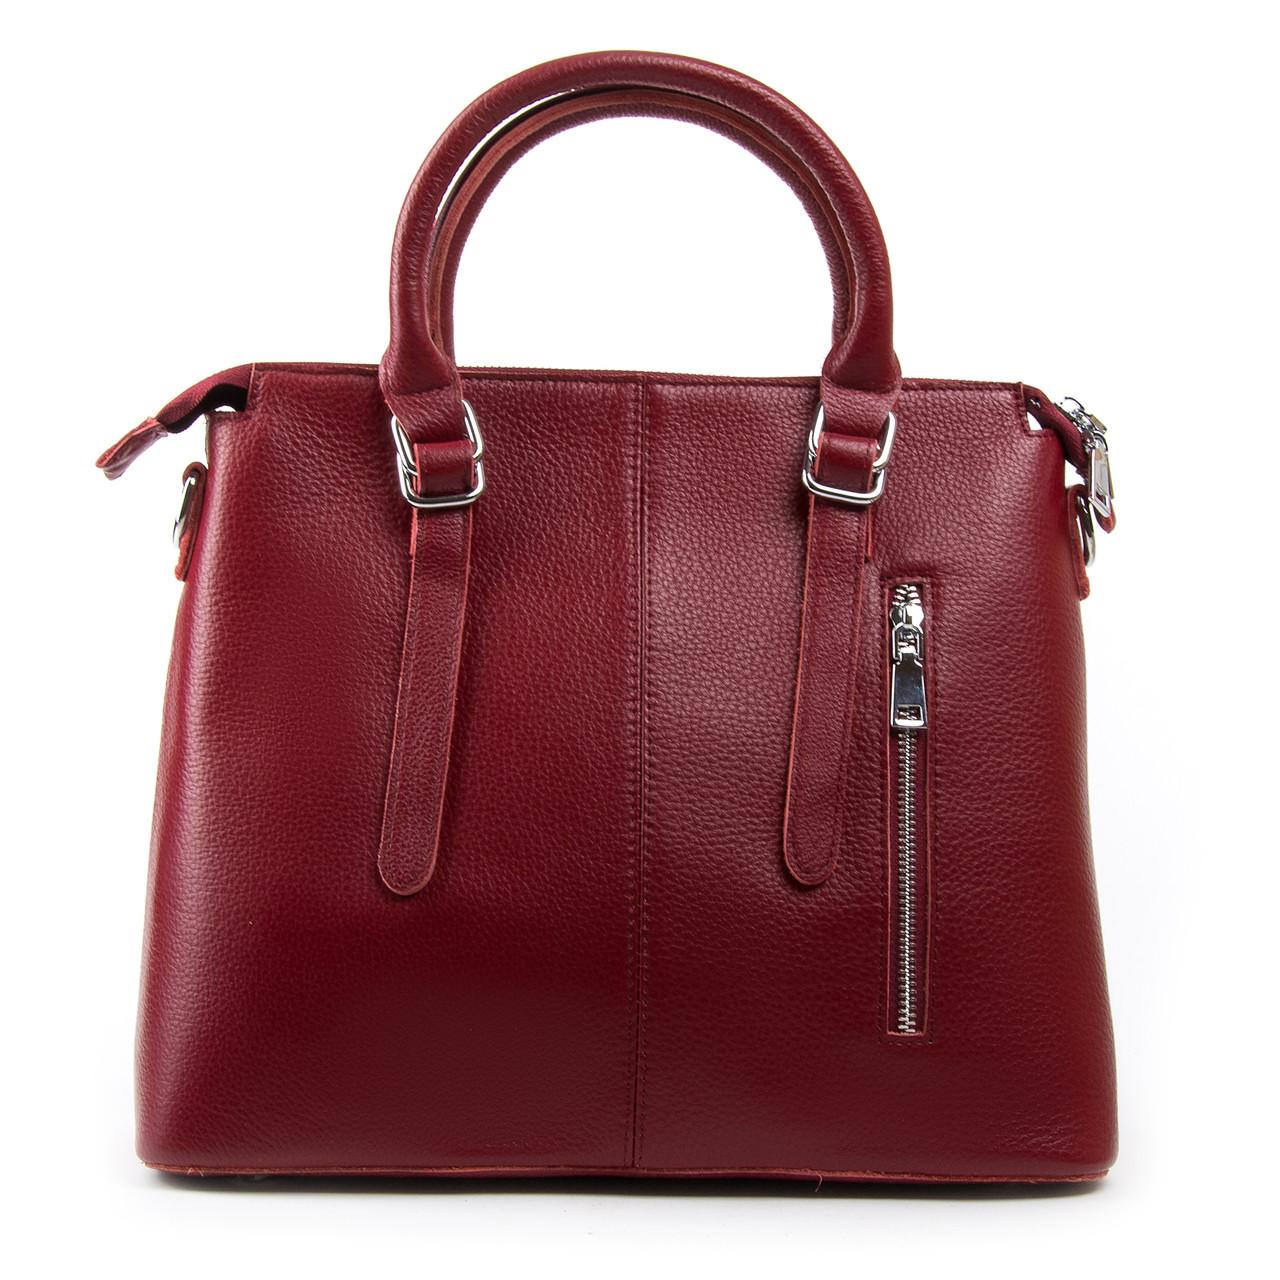 Жіноча шкіряна сумка Alex Rai опт/роздріб